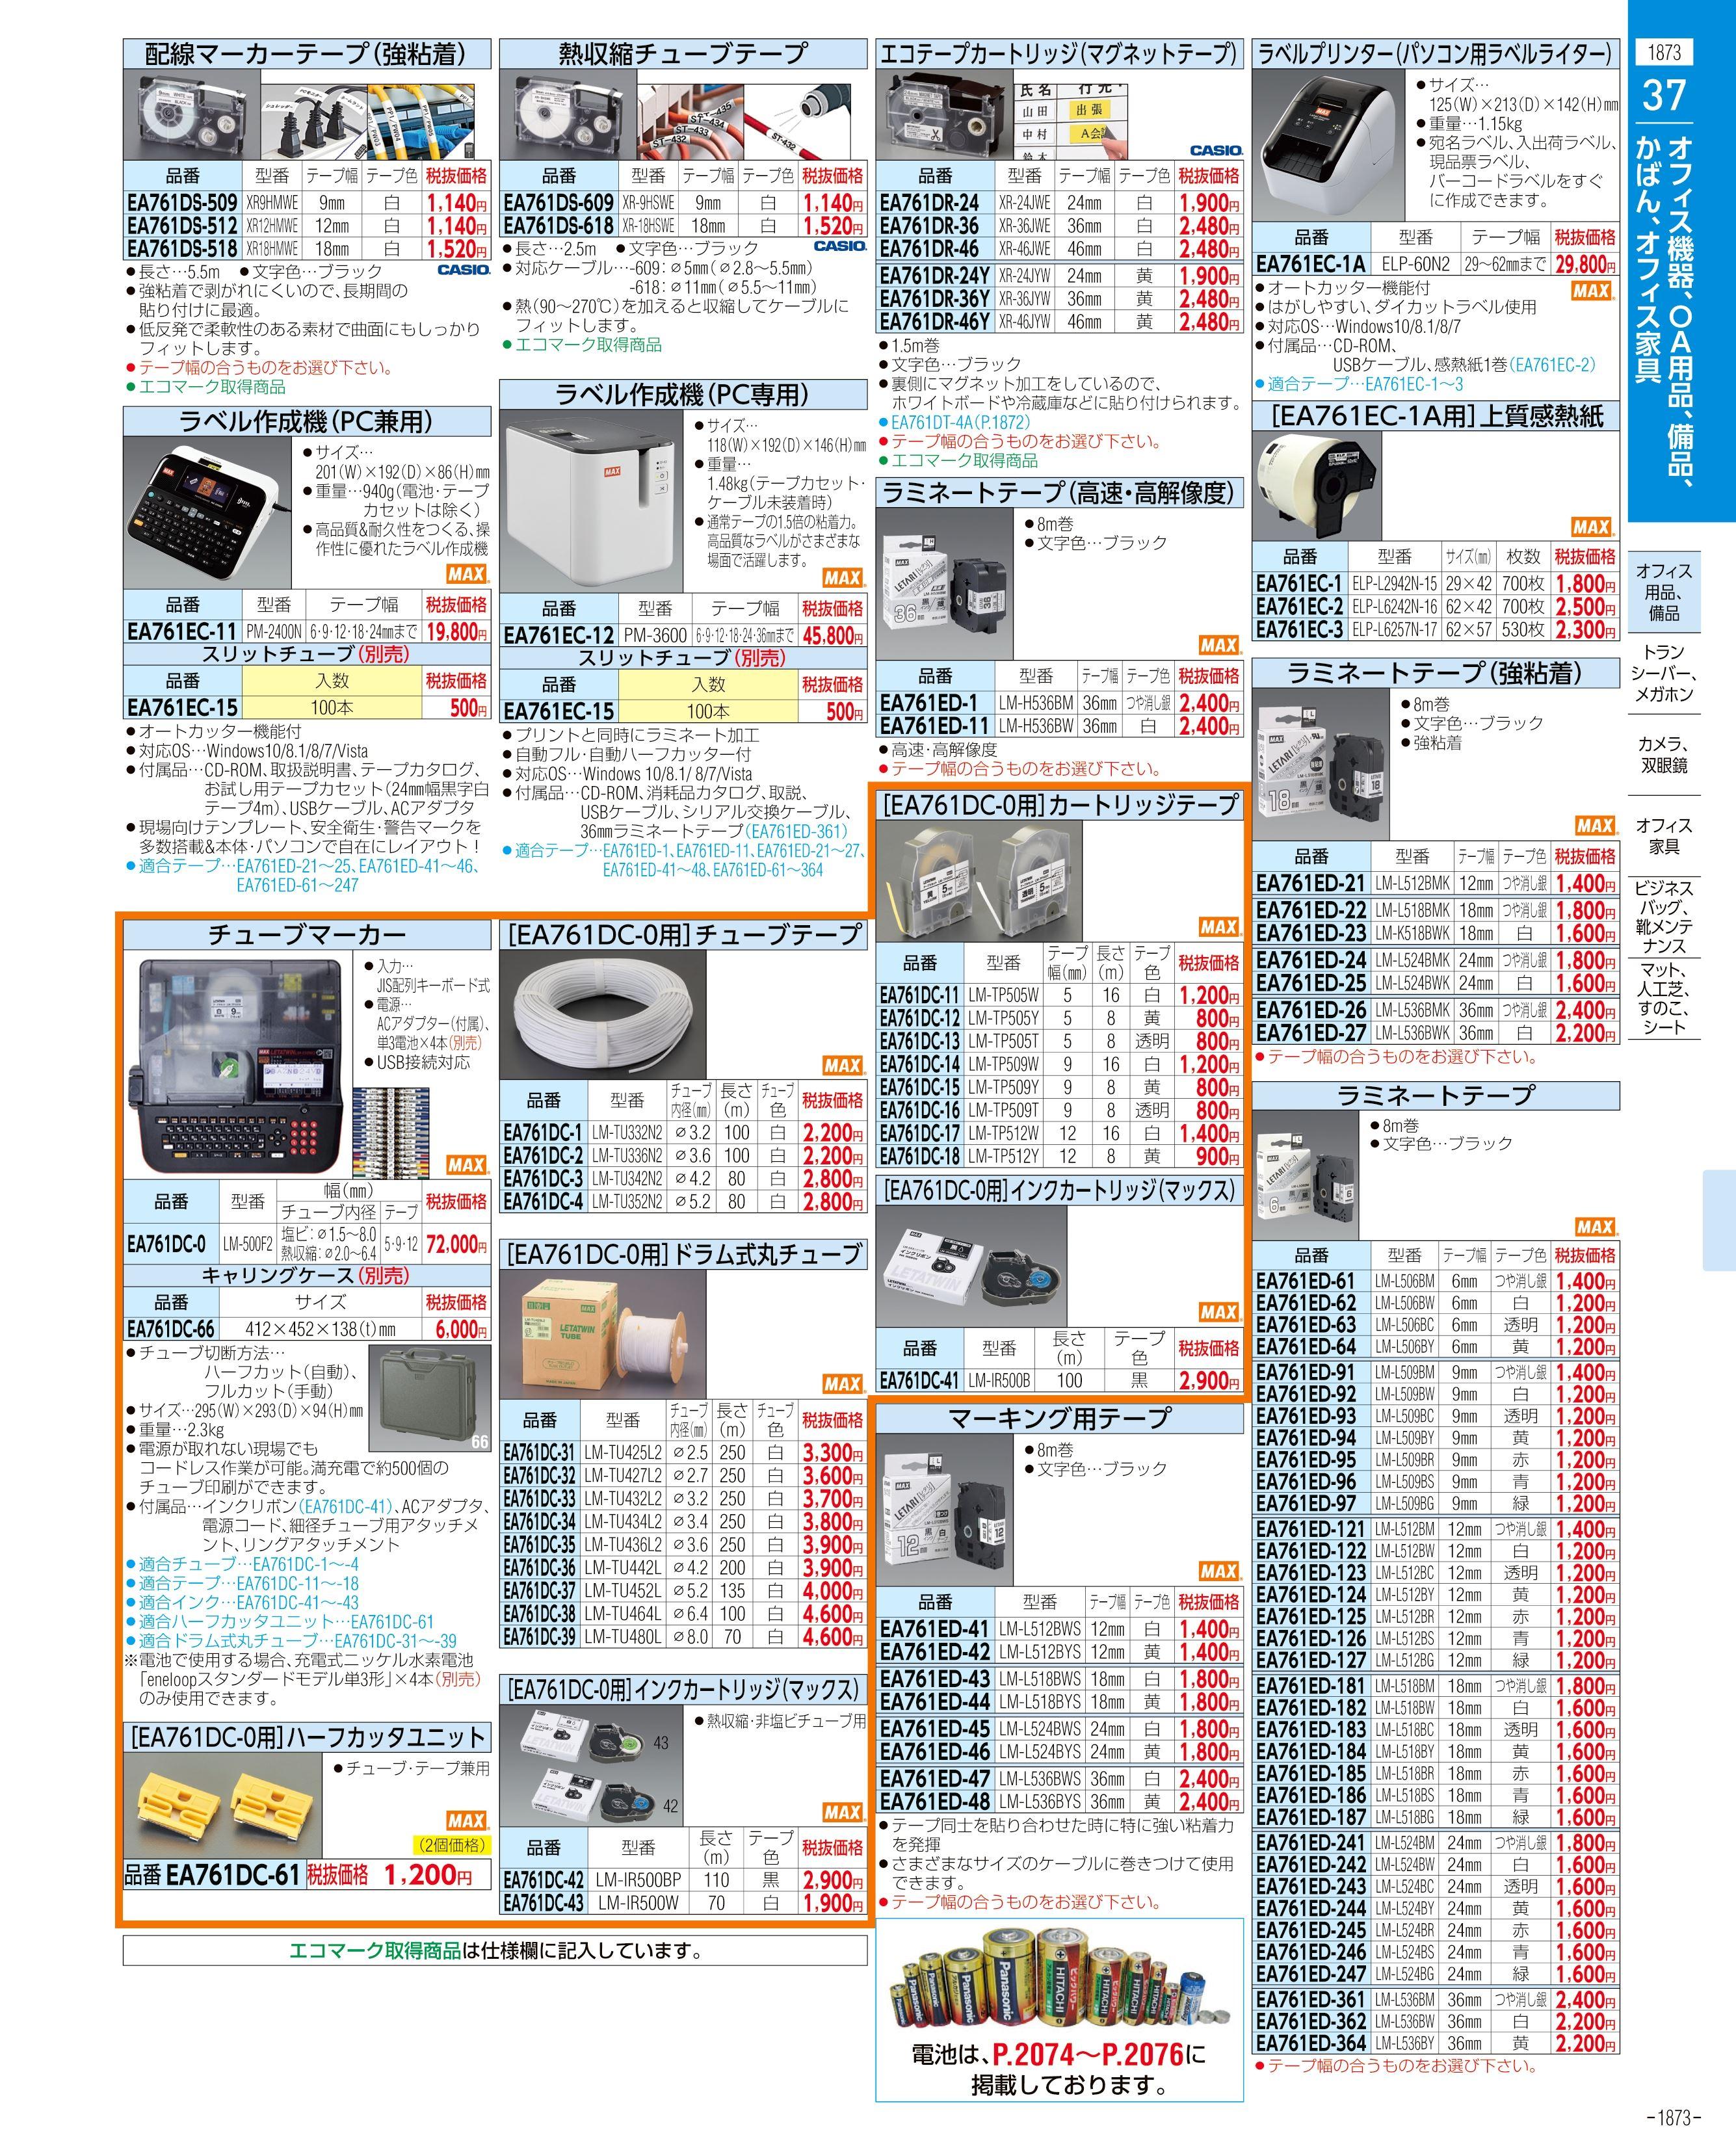 エスコ便利カタログ1873ページ